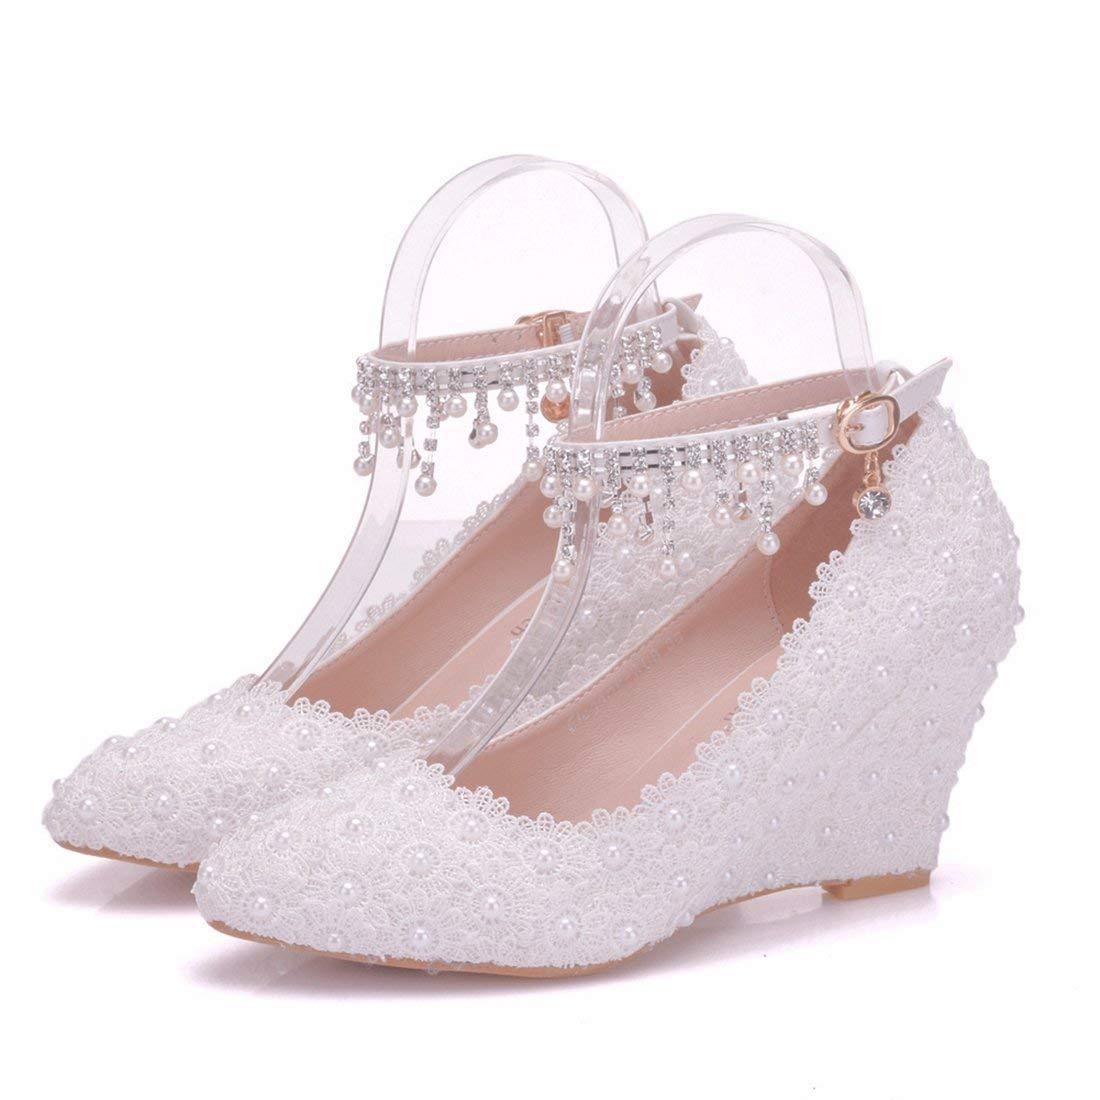 Qiusa Frauen Spitze Blaumen besetzt Wedge High High High Heel Knöchel Ketten weiß Hochzeit Schuhe UK 5.5 (Farbe   - Größe   -) 97fec5